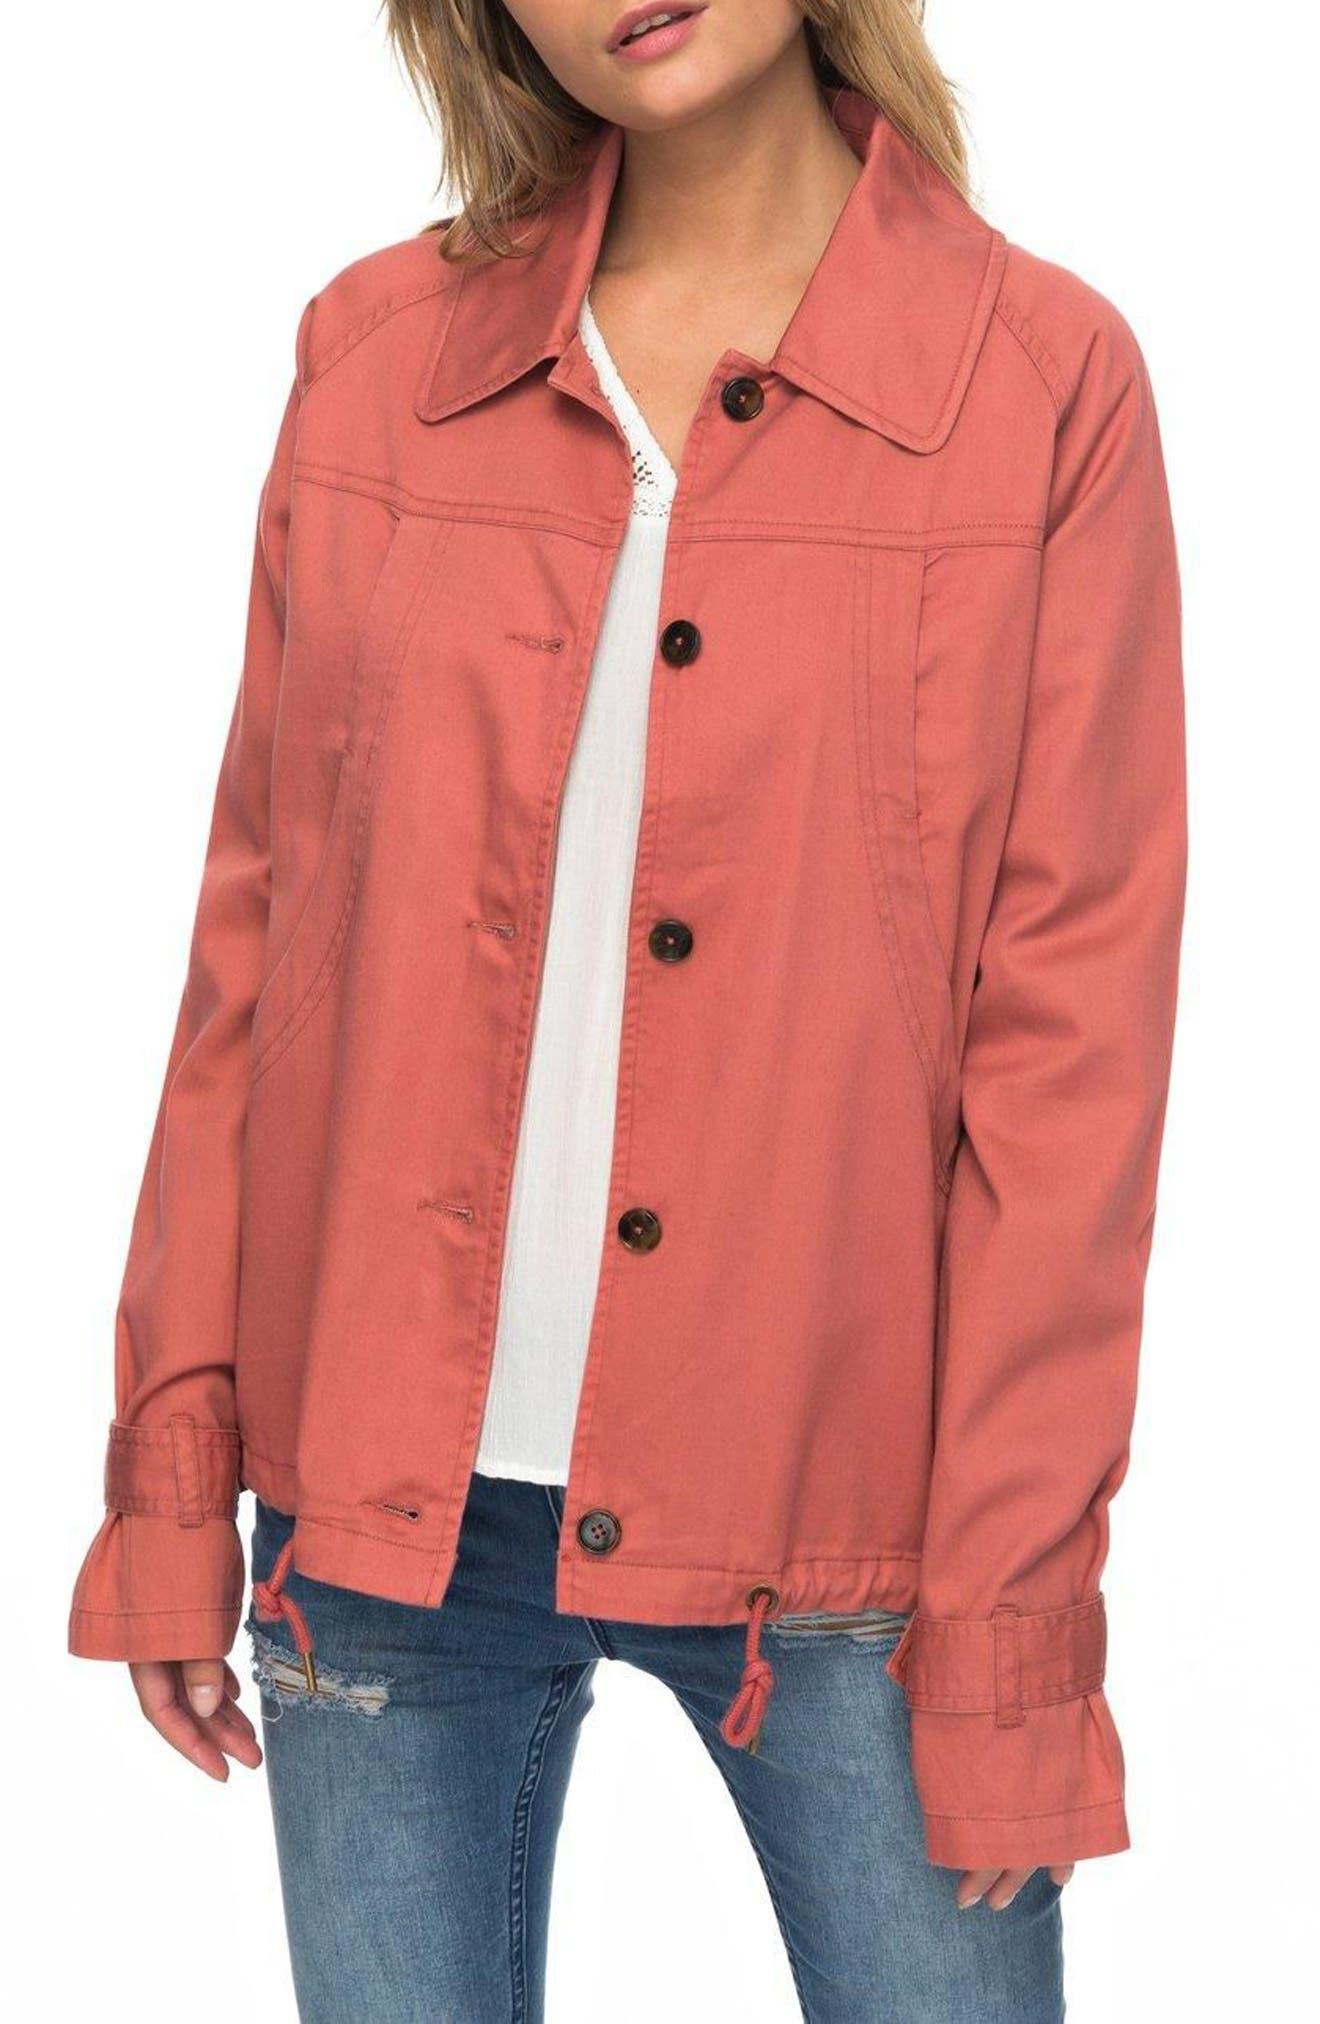 Main Image - Roxy Dream Away Jacket